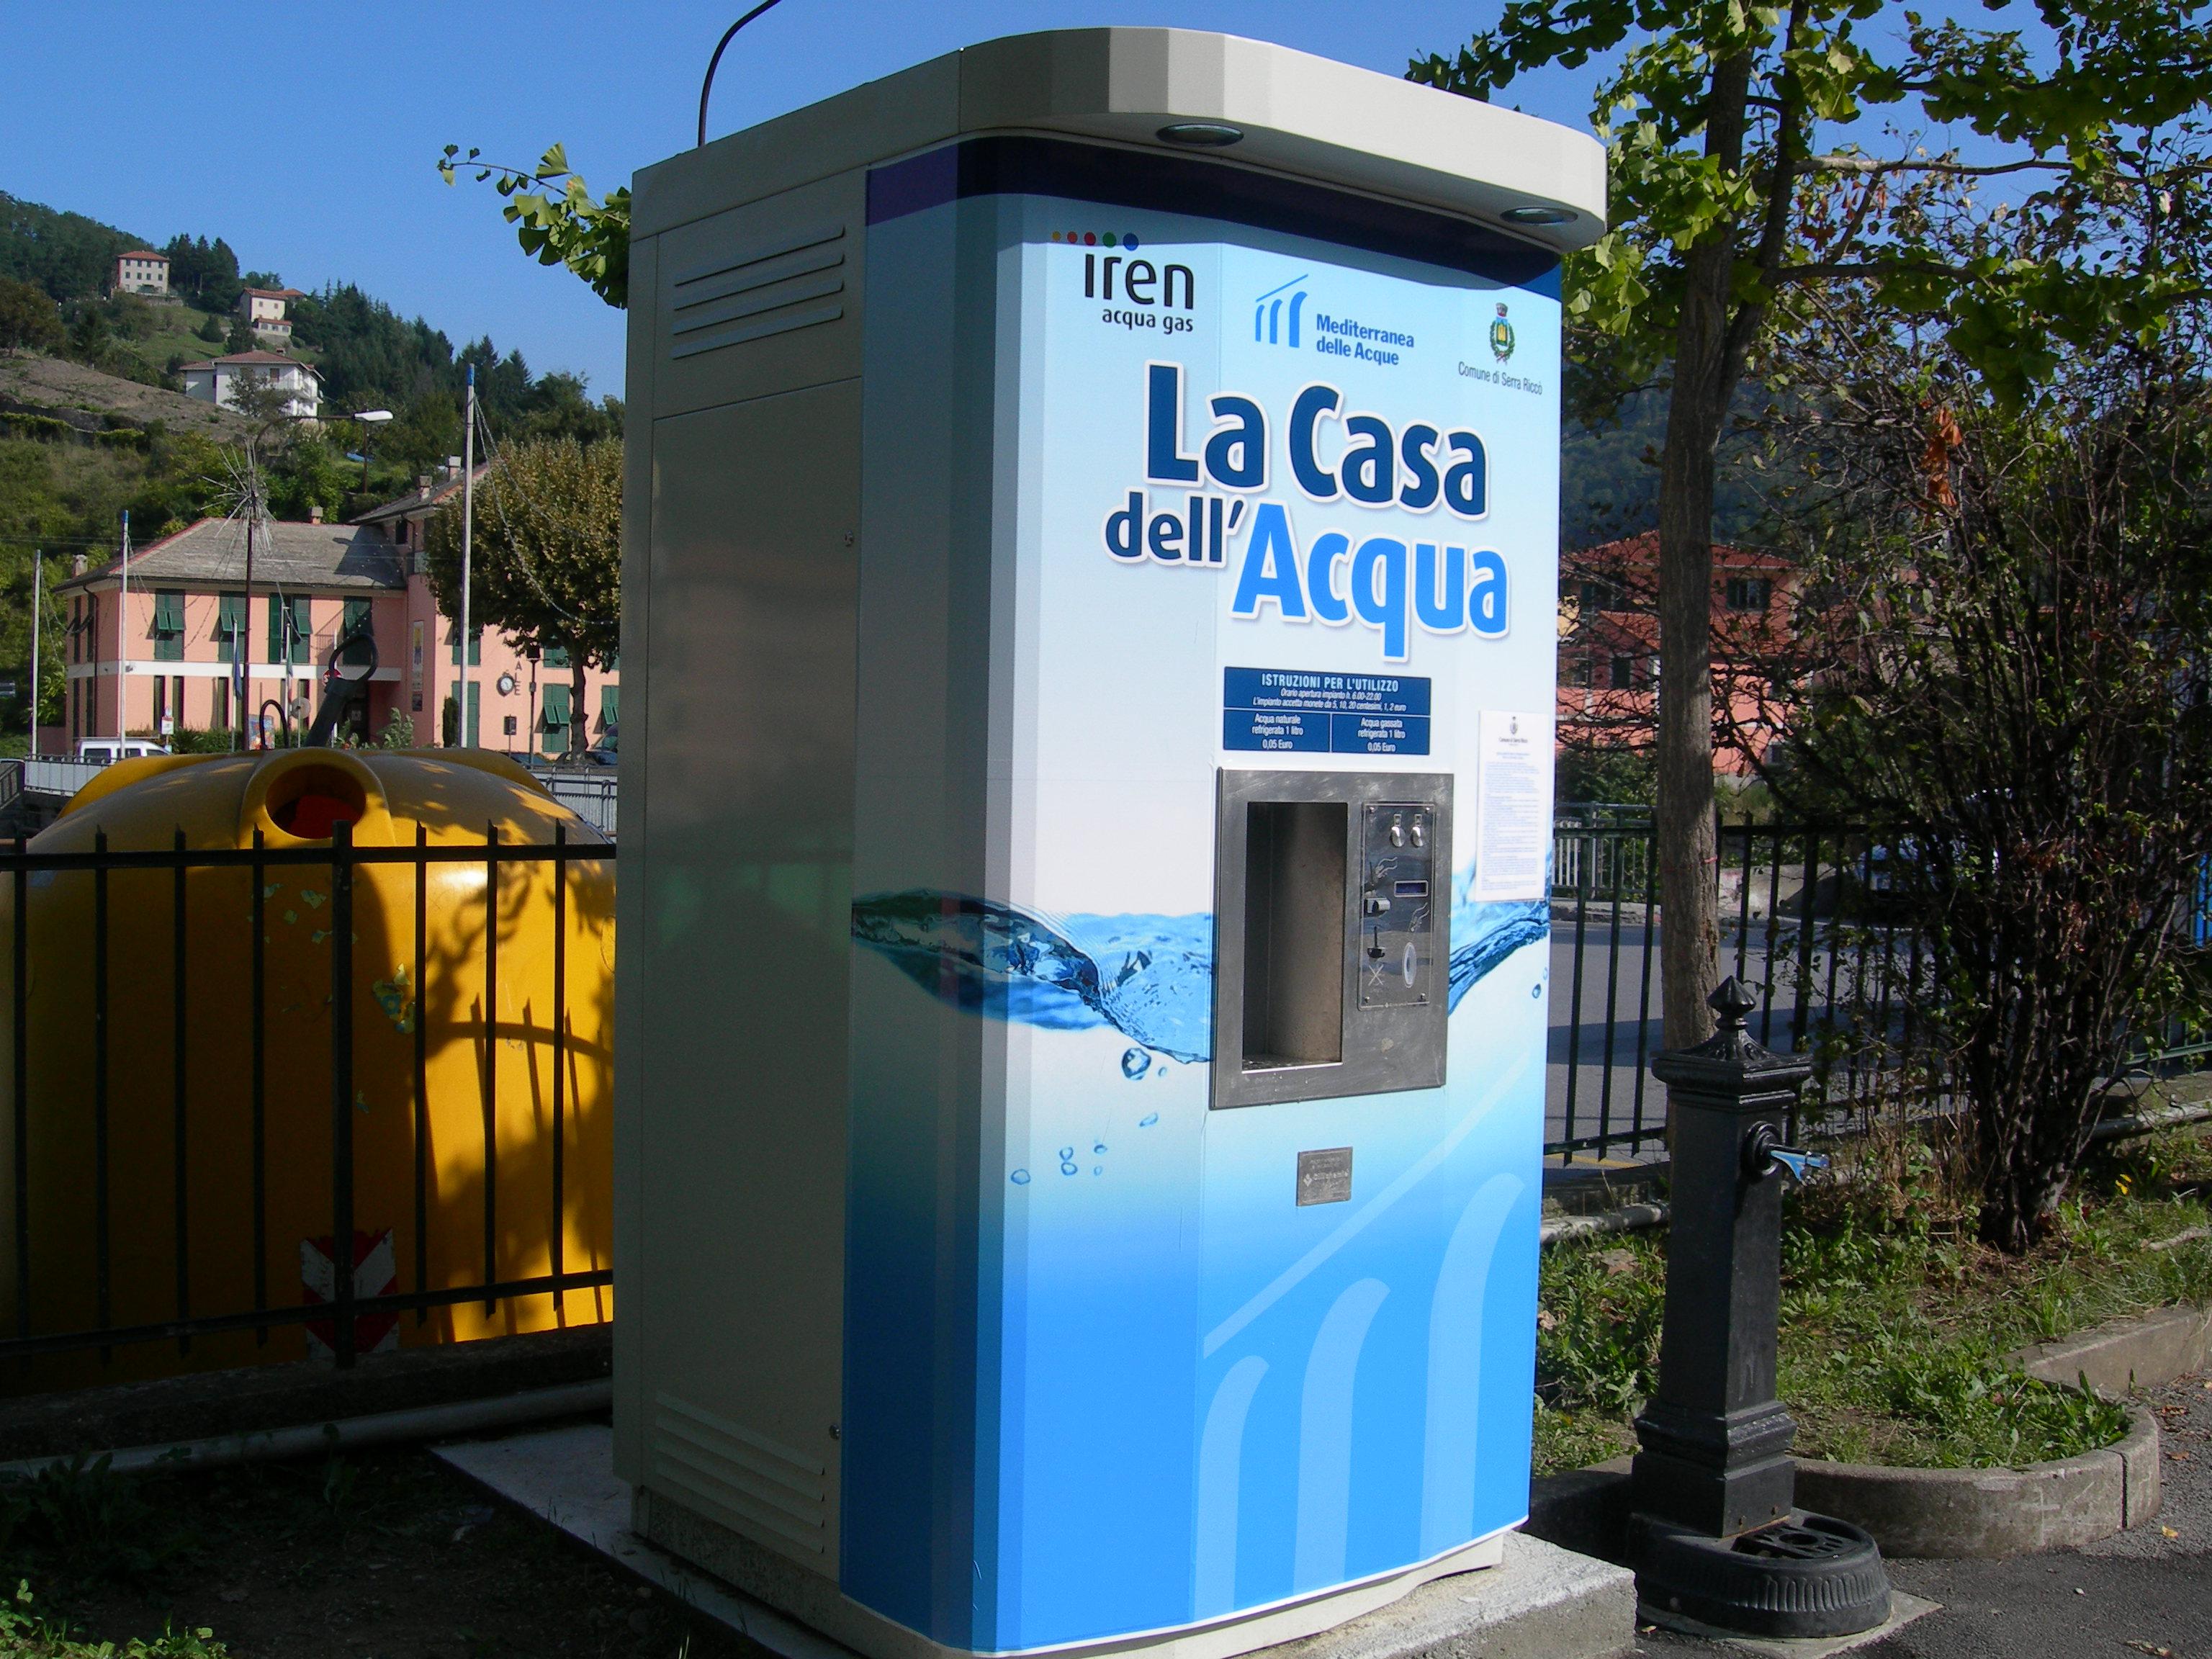 Acqua alla Spina a Nardò - Arriva la Delibera per 4 Distributori - Scopri Dove  Nardò Notizie